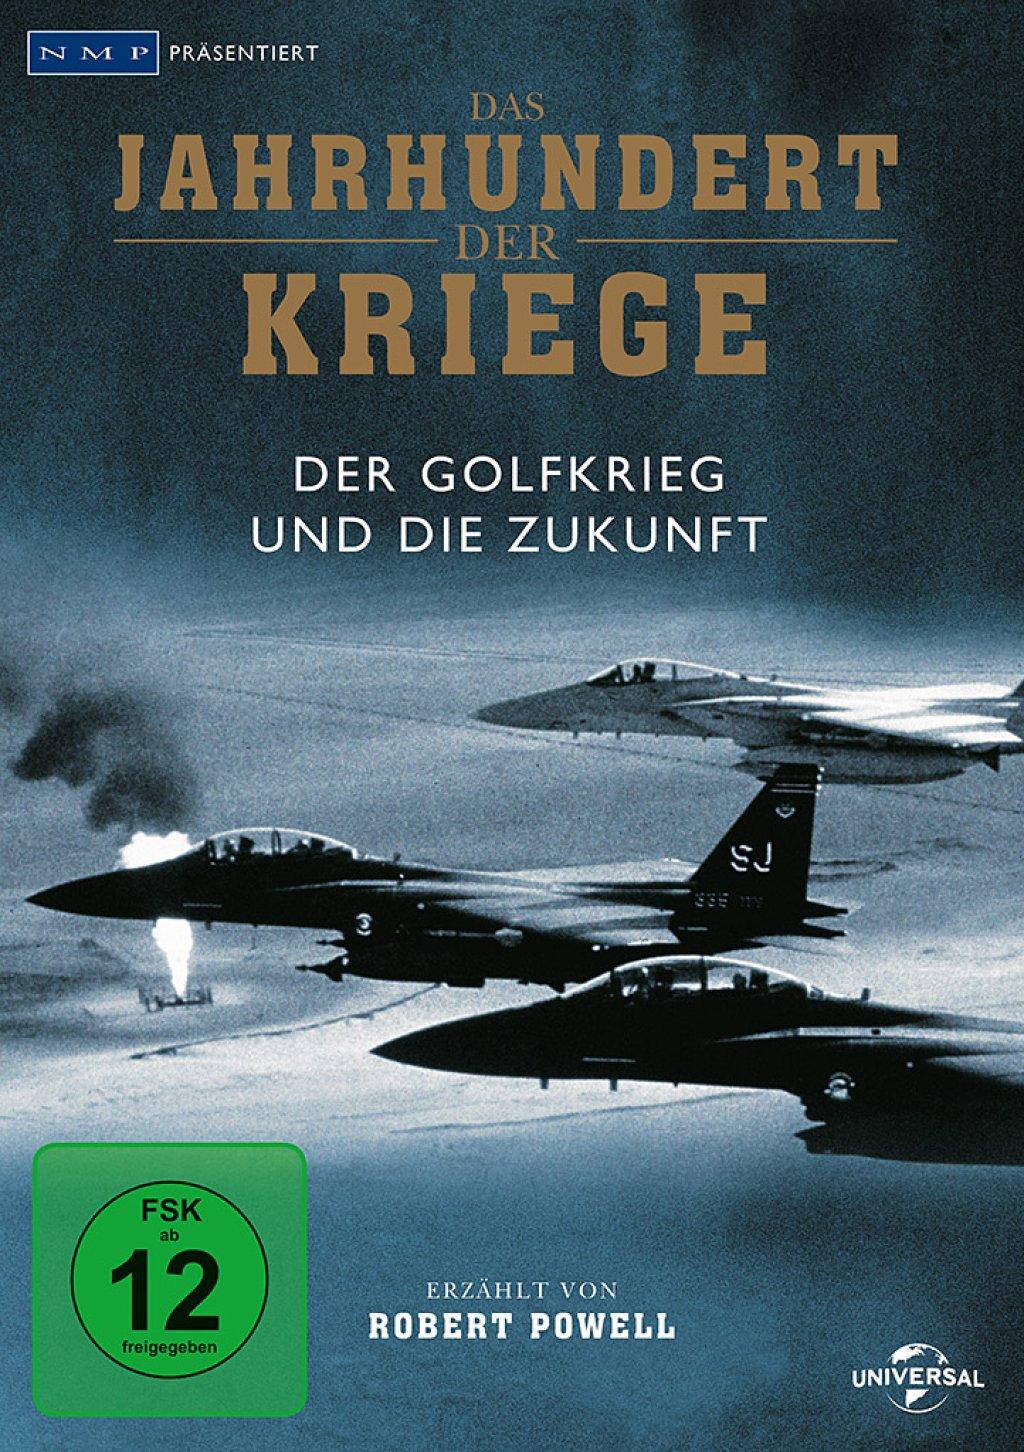 Das Jahrhundert der Kriege - Der Golfkrieg und die Zukunft - Vol. 08 (DVD)